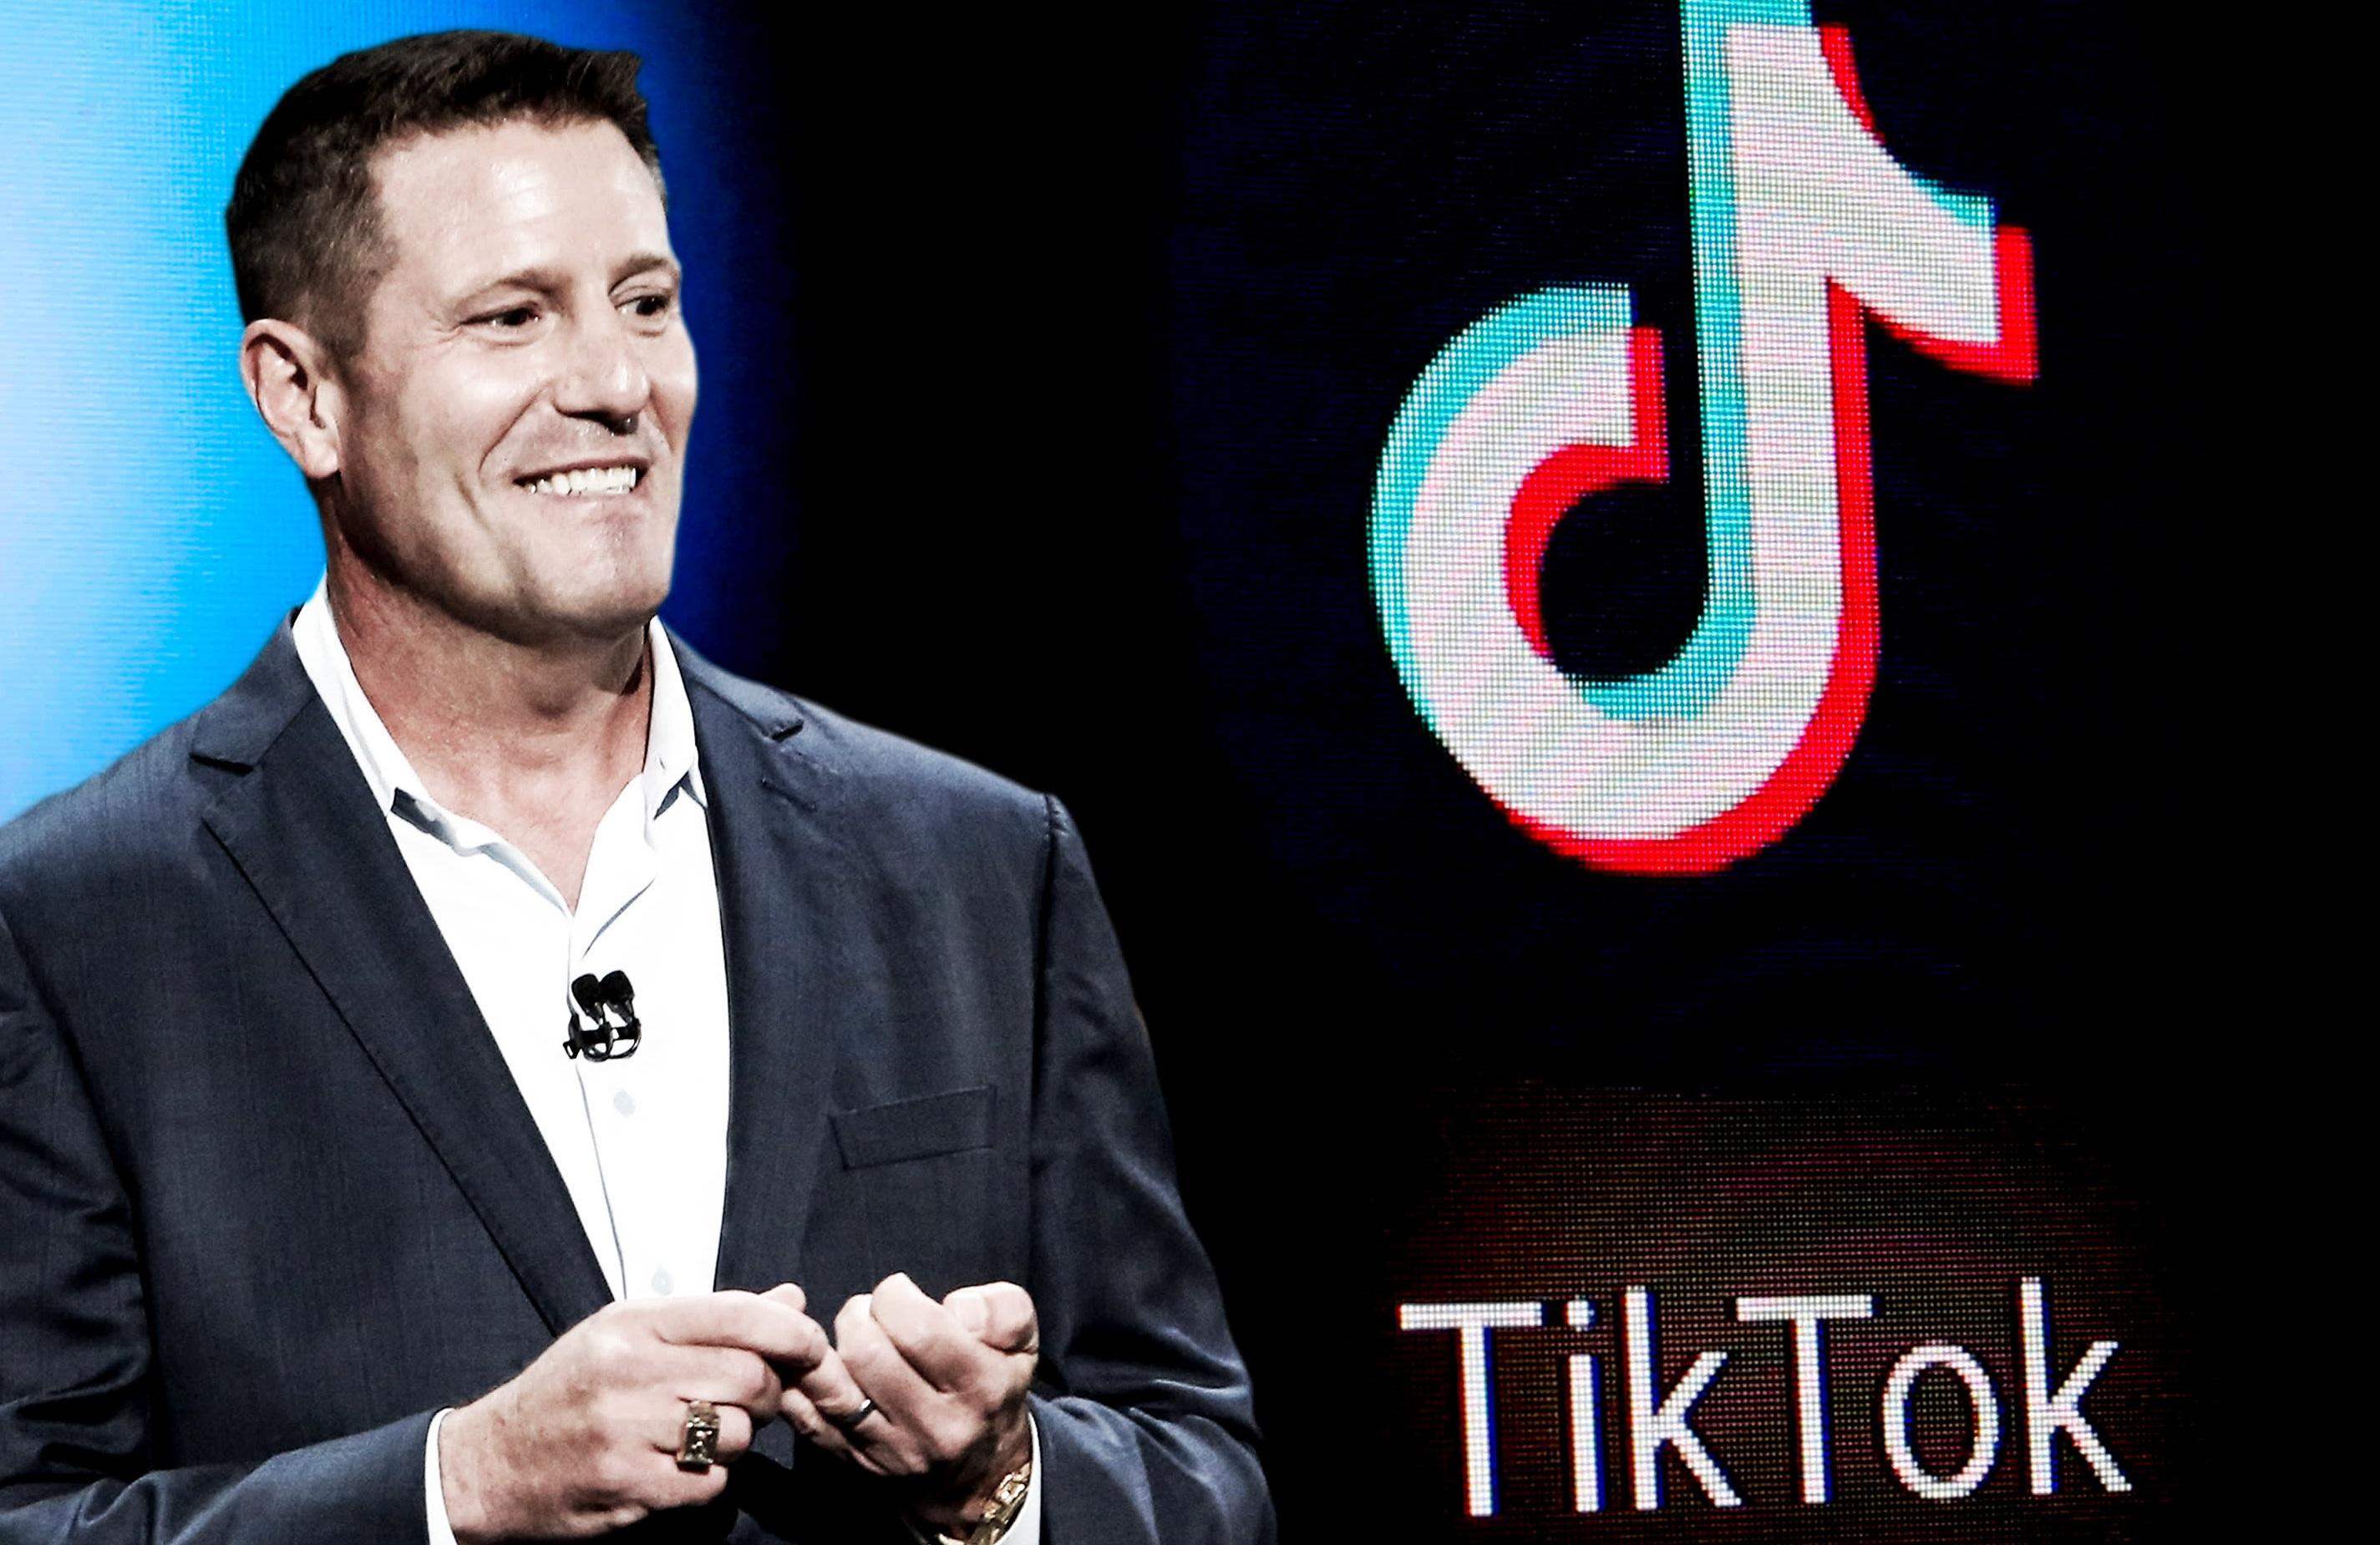 Mayer nuovo ceo di TikTok - Over the top. Annus horribilis per Disney: il top manager Kevin Mayer abbandona la nave in tempesta. E approda a Tik Tok